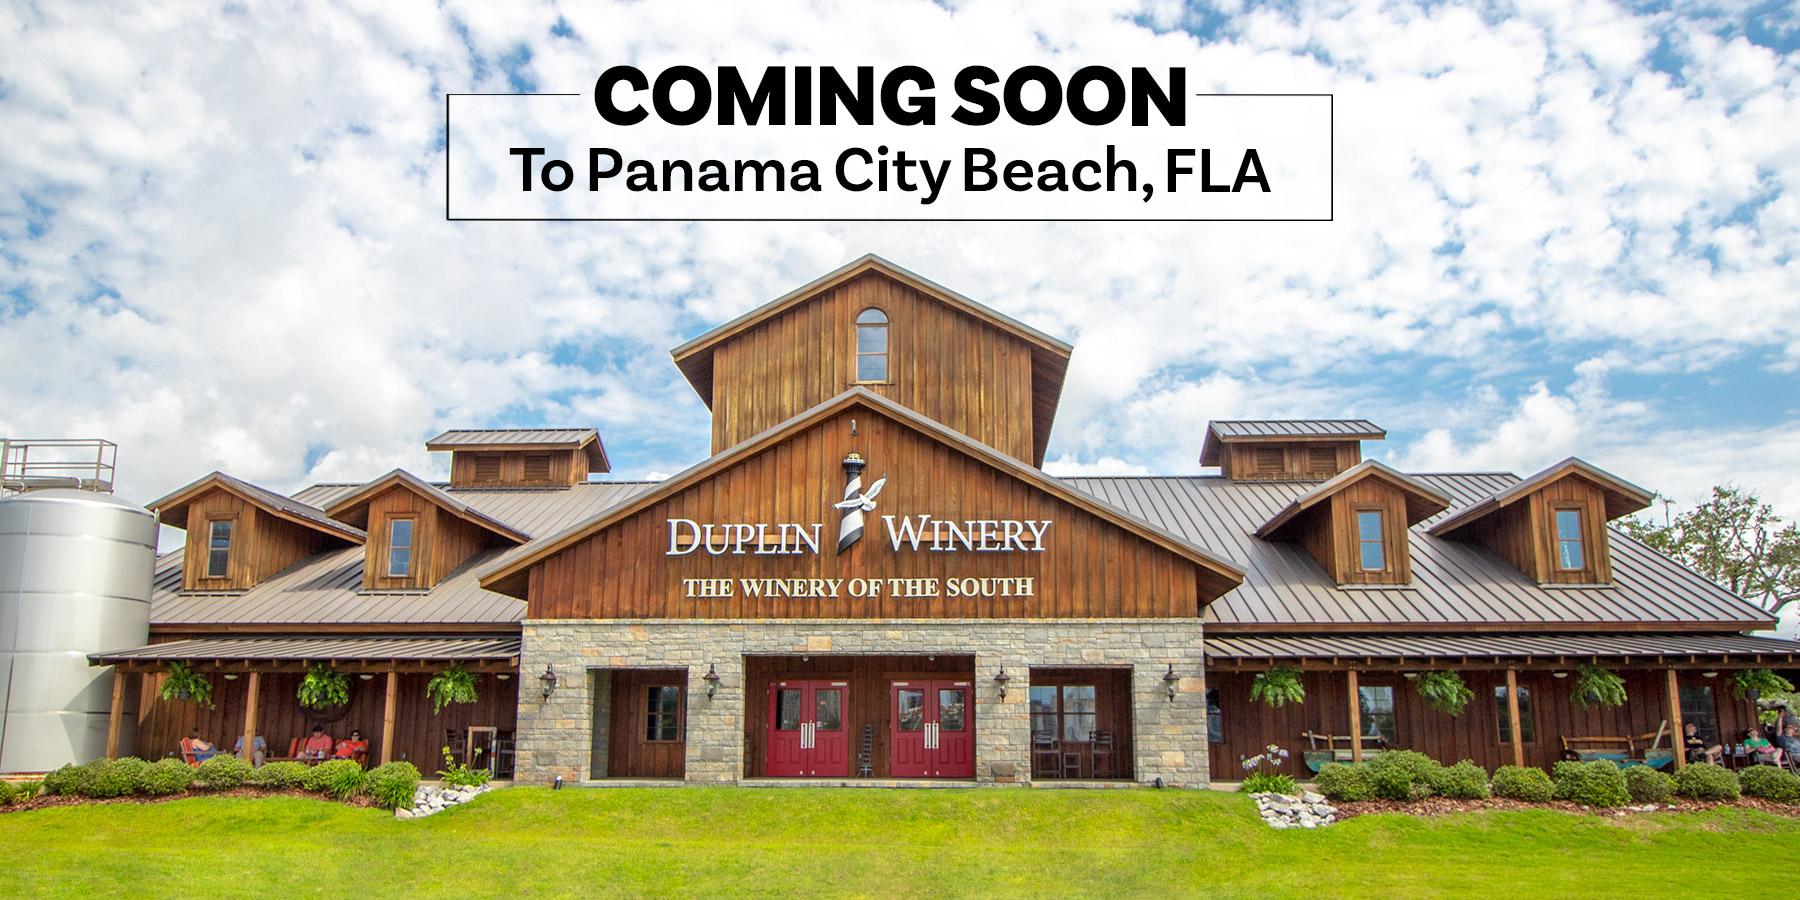 Duplin Winery opens in 2022 in Panama City Beach, Fla.